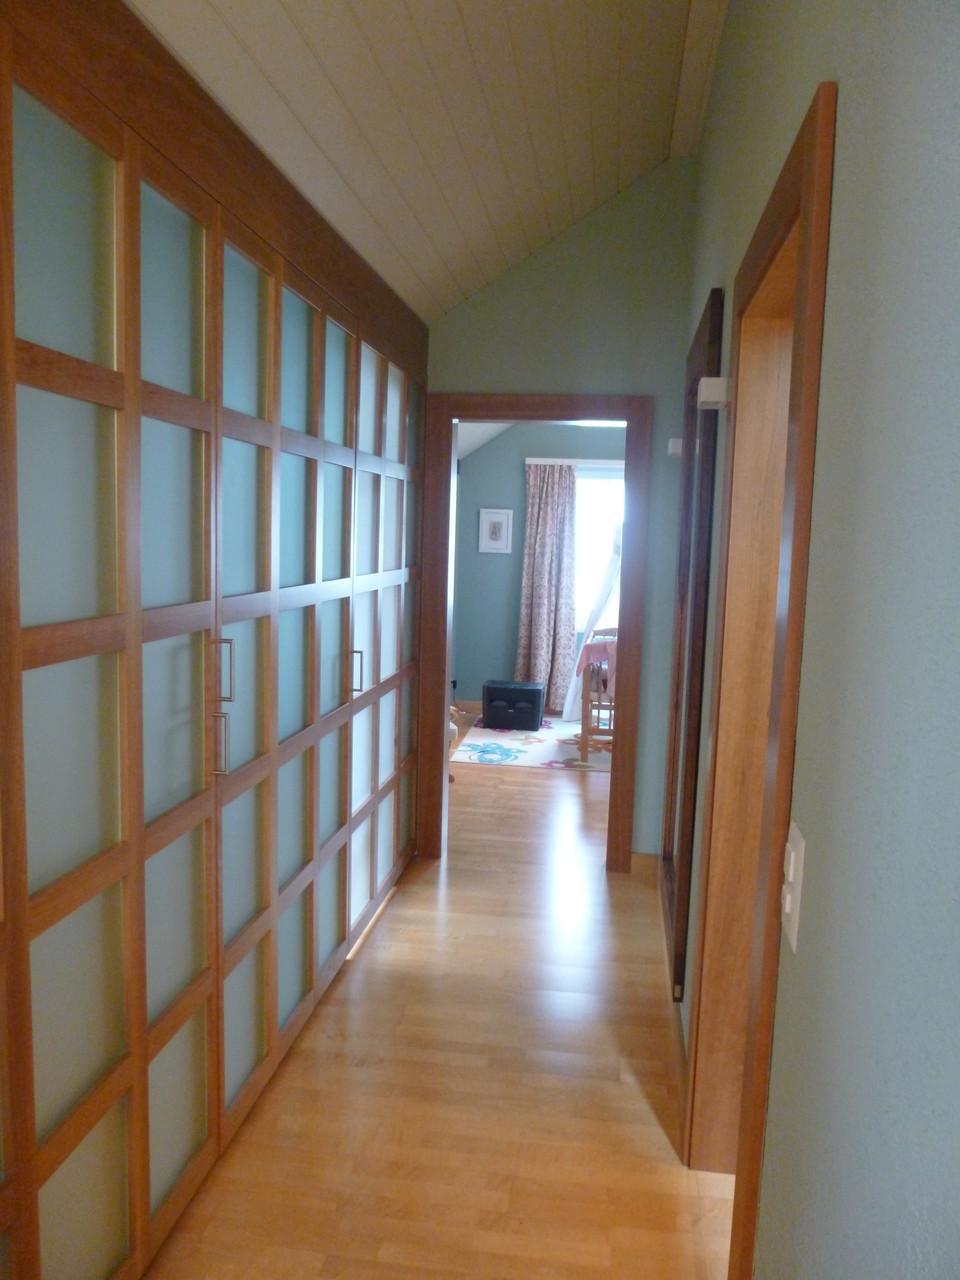 Neugestaltung wohnzimmer schlafzimmer vorher nachher for Innenarchitektur vorher nachher